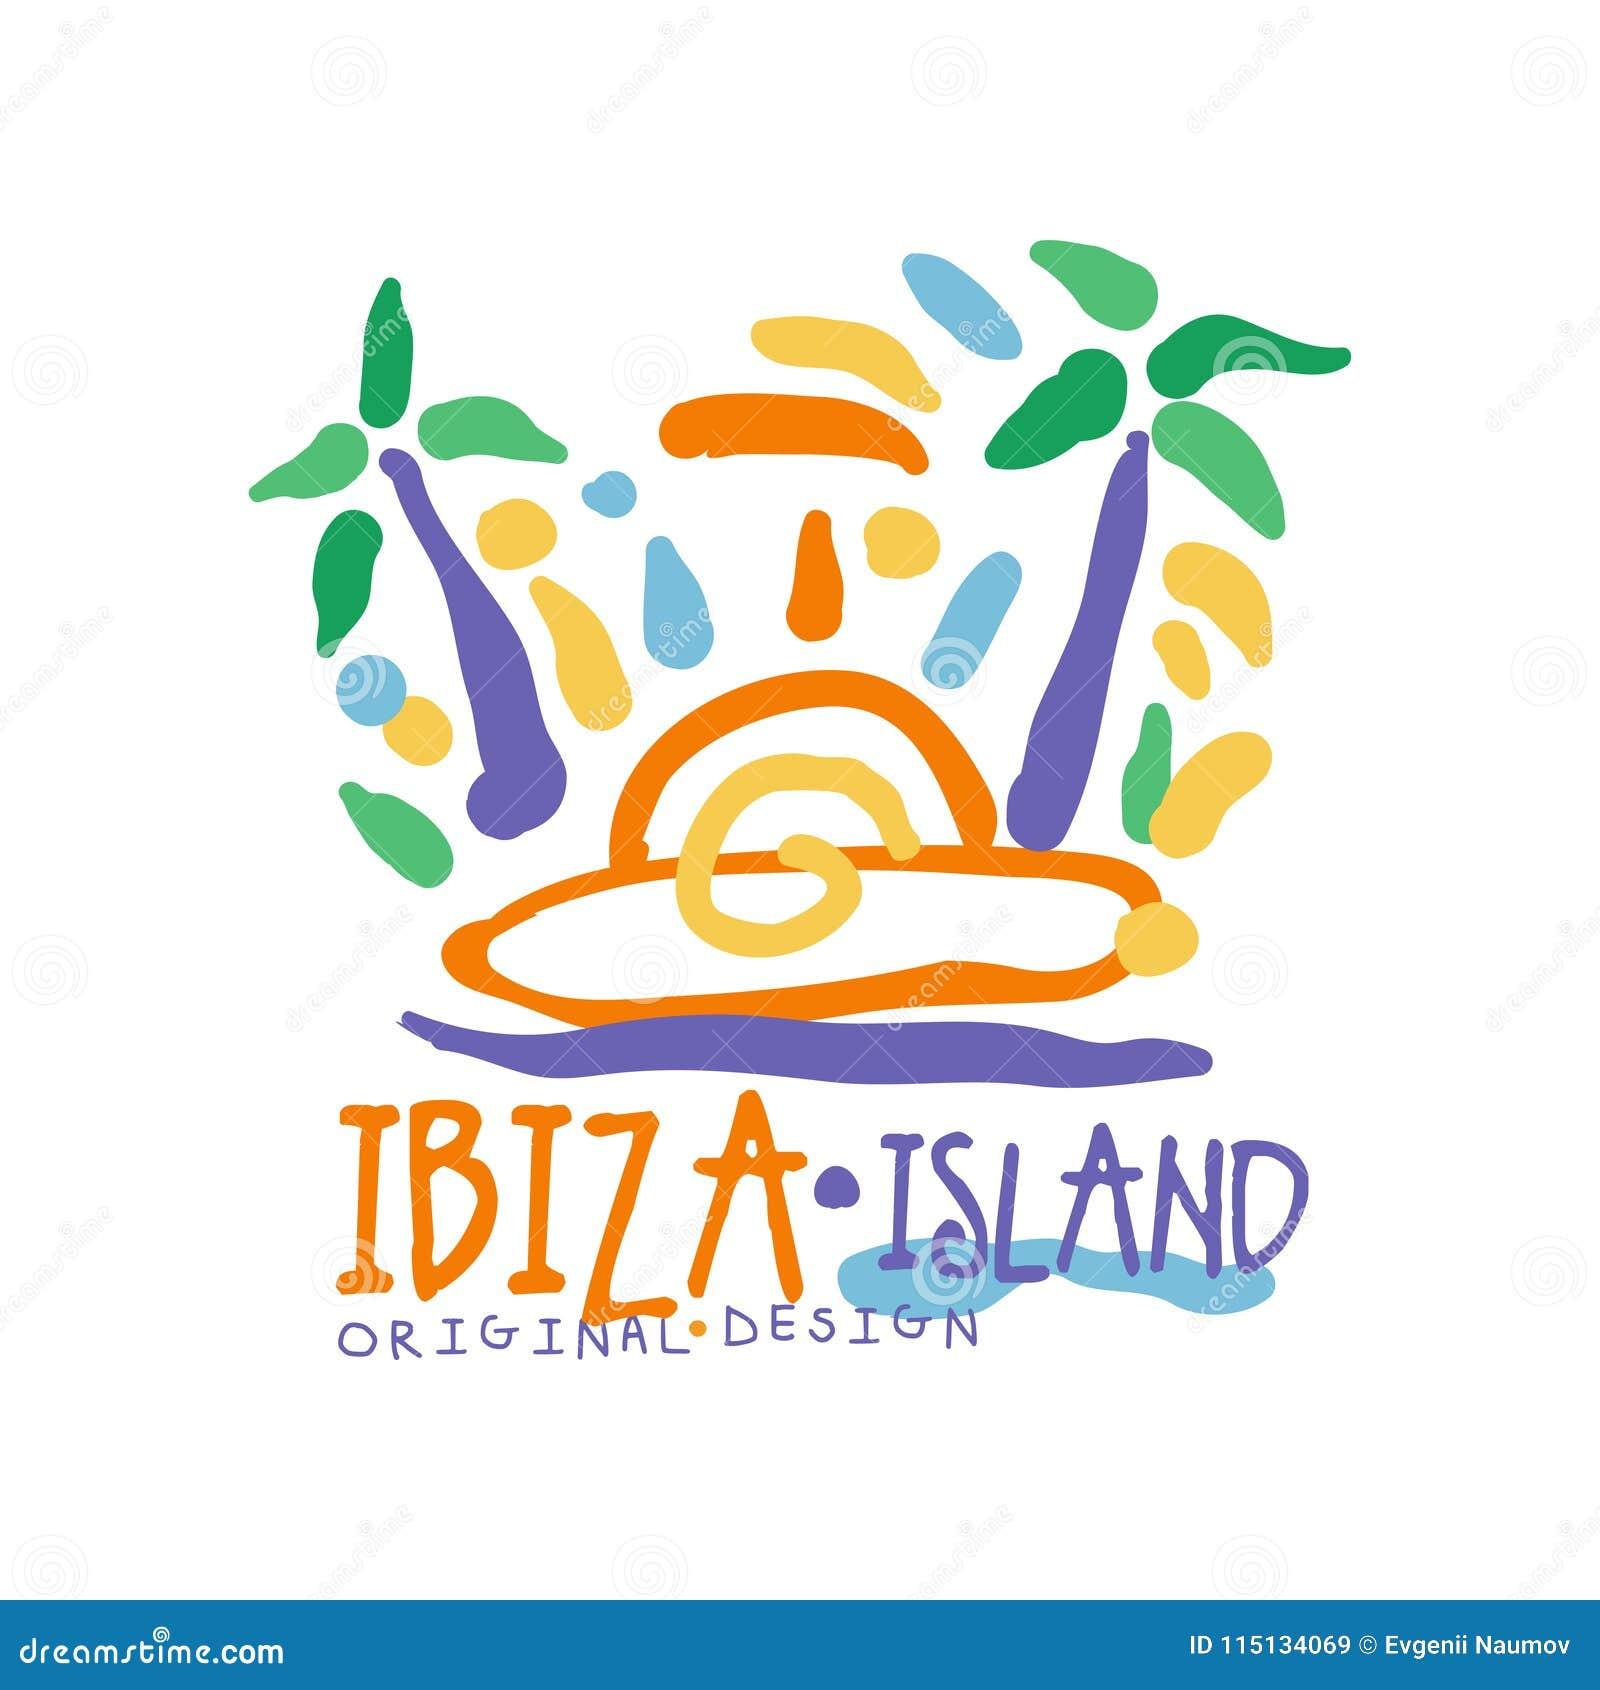 Αρχικό σχέδιο προτύπων λογότυπων νησιών Ibiza, εξωτικό διακριτικό καλοκαιρινών διακοπών, ετικέτα για ένα ταξιδιωτικό γραφείο, στο